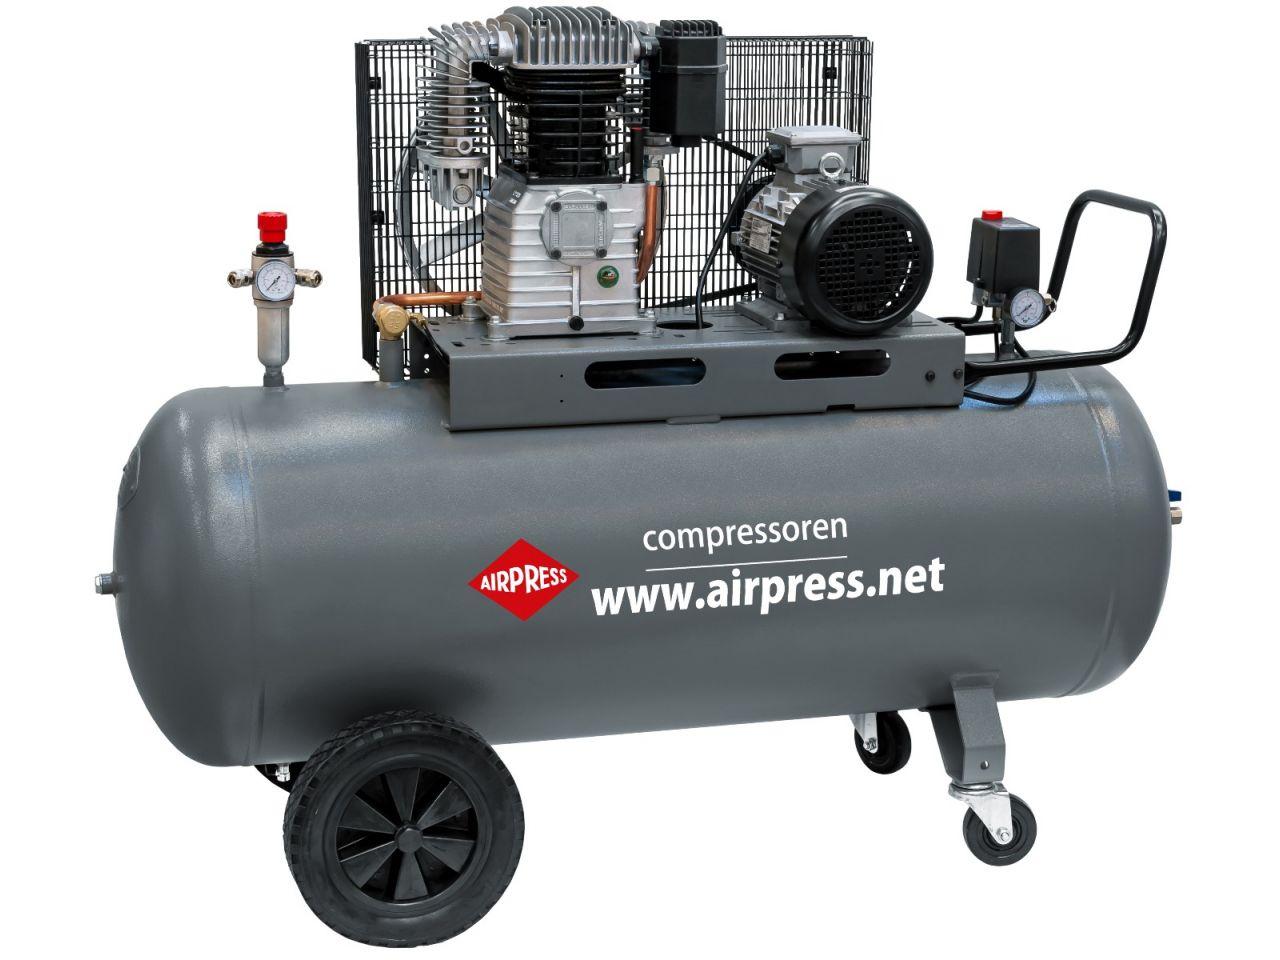 Compressor HK 700/300